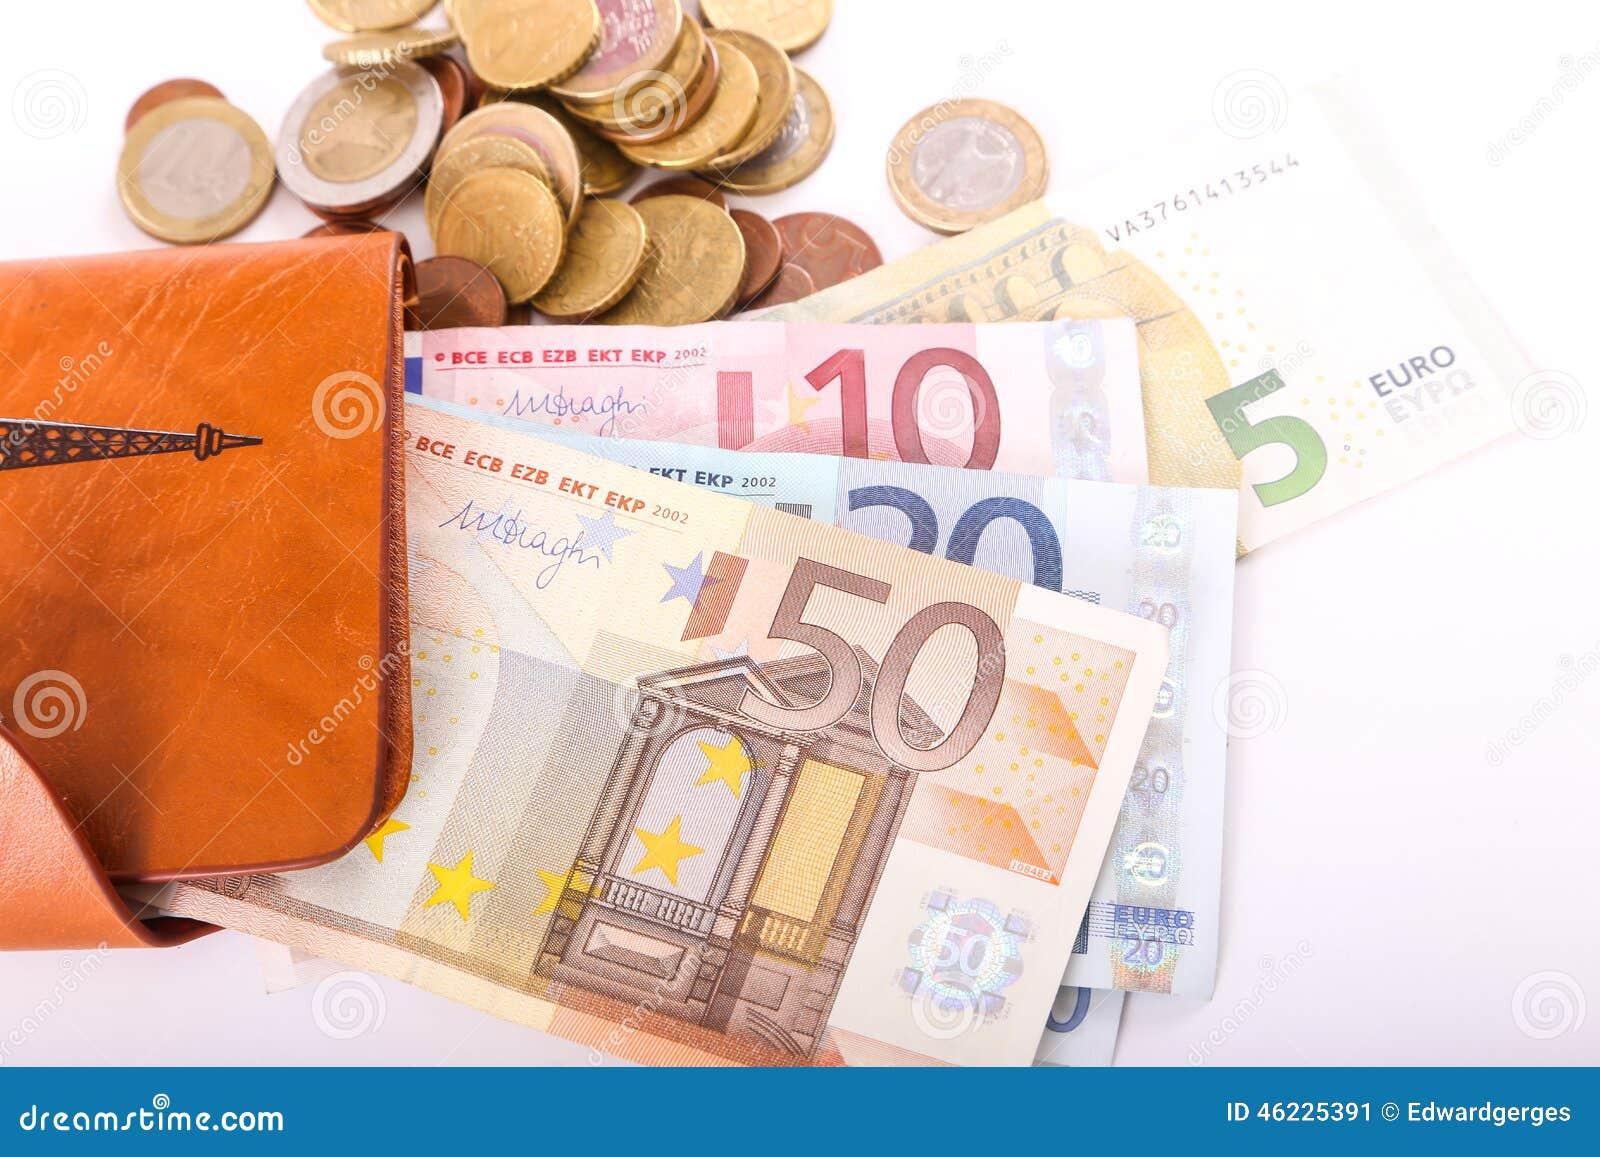 Πορτοφόλι και ευρώ δέρματος